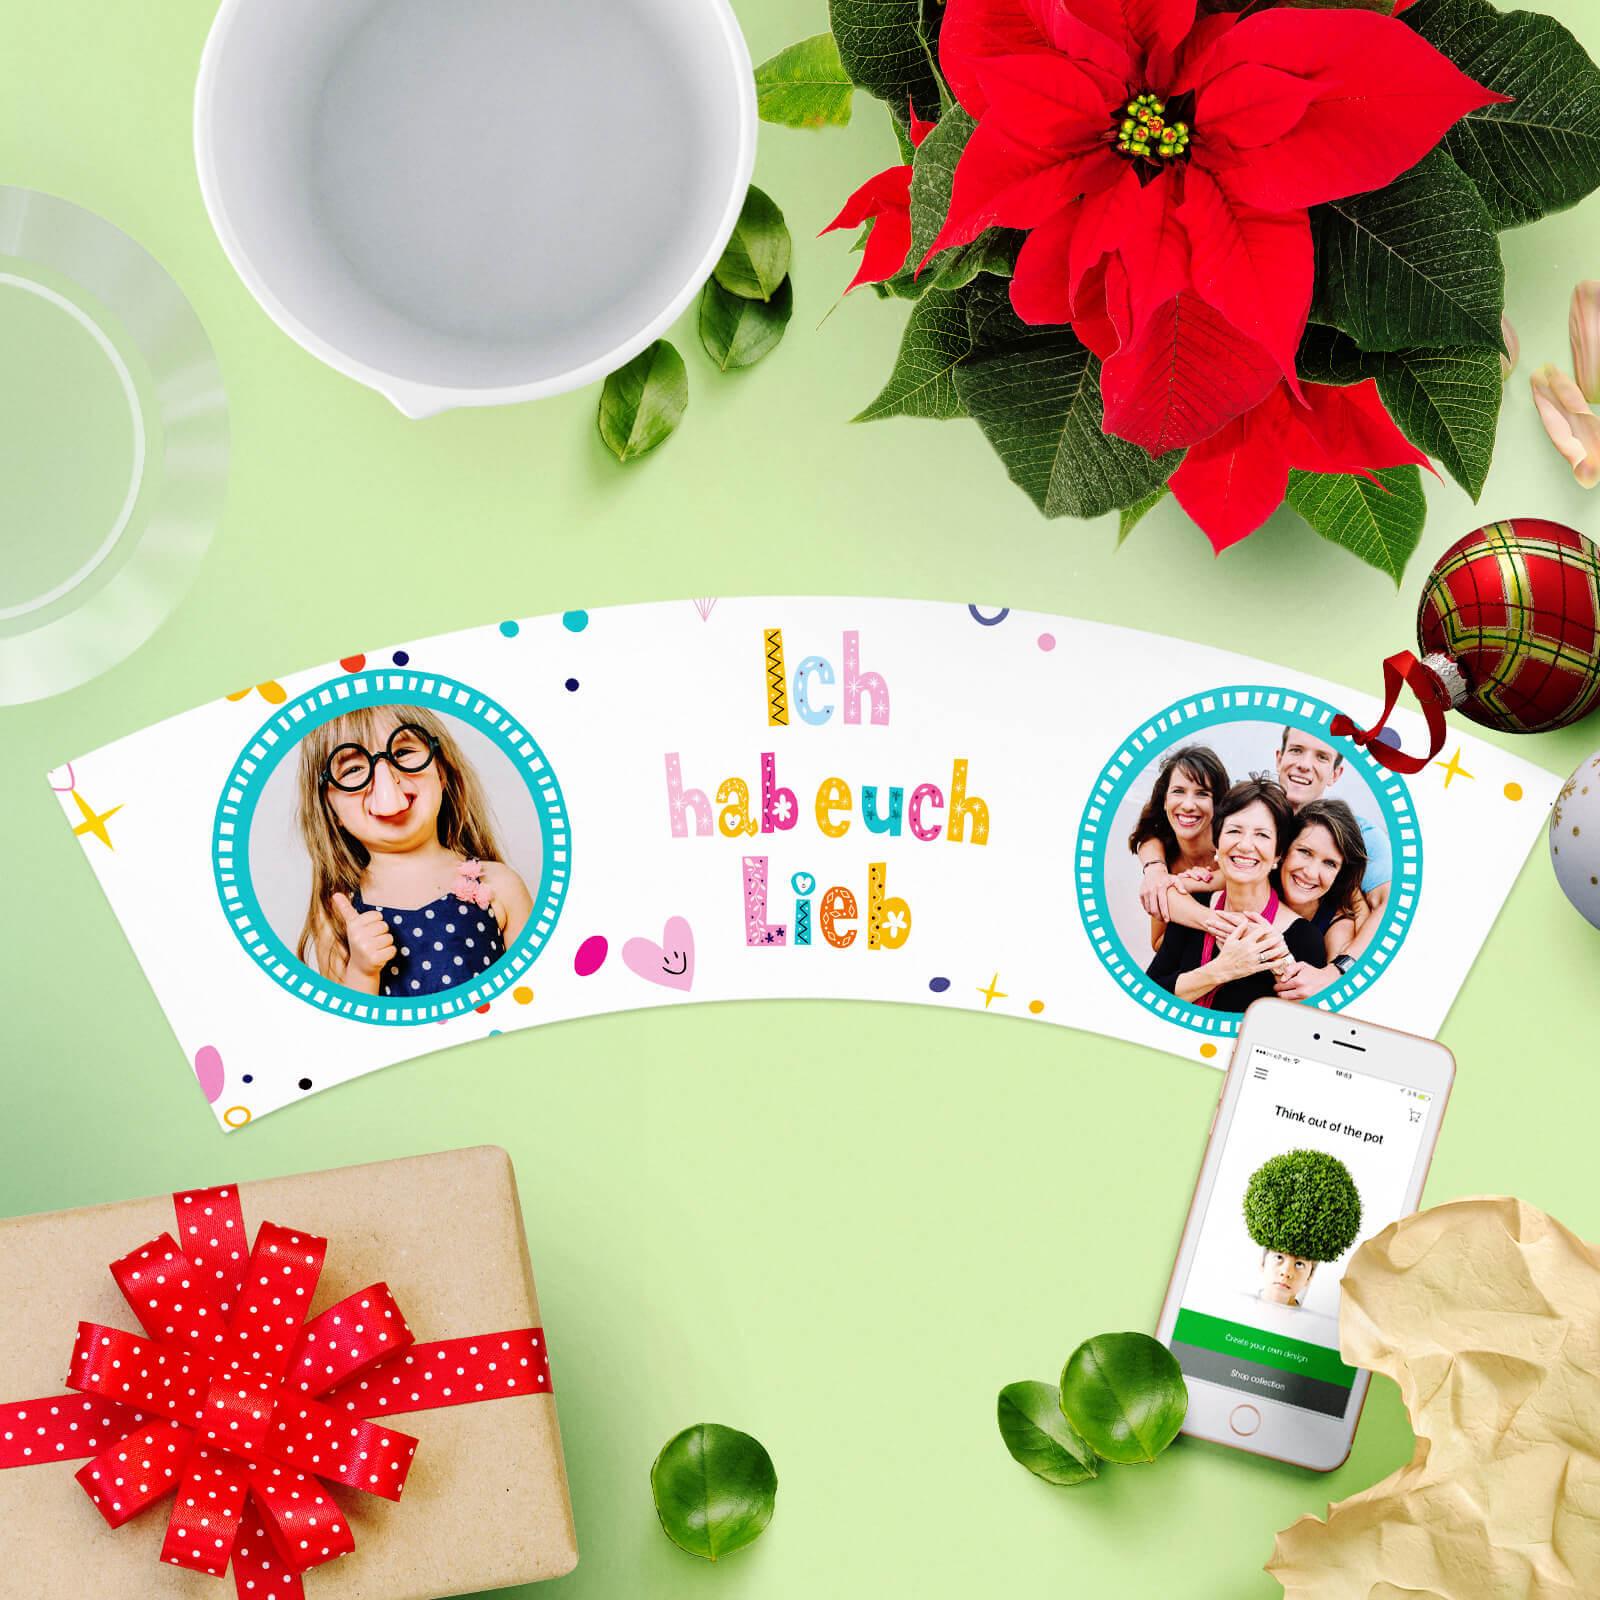 Geschenk für Oma und Opa zu Weihnachten: Ich Hab Euch Lieb